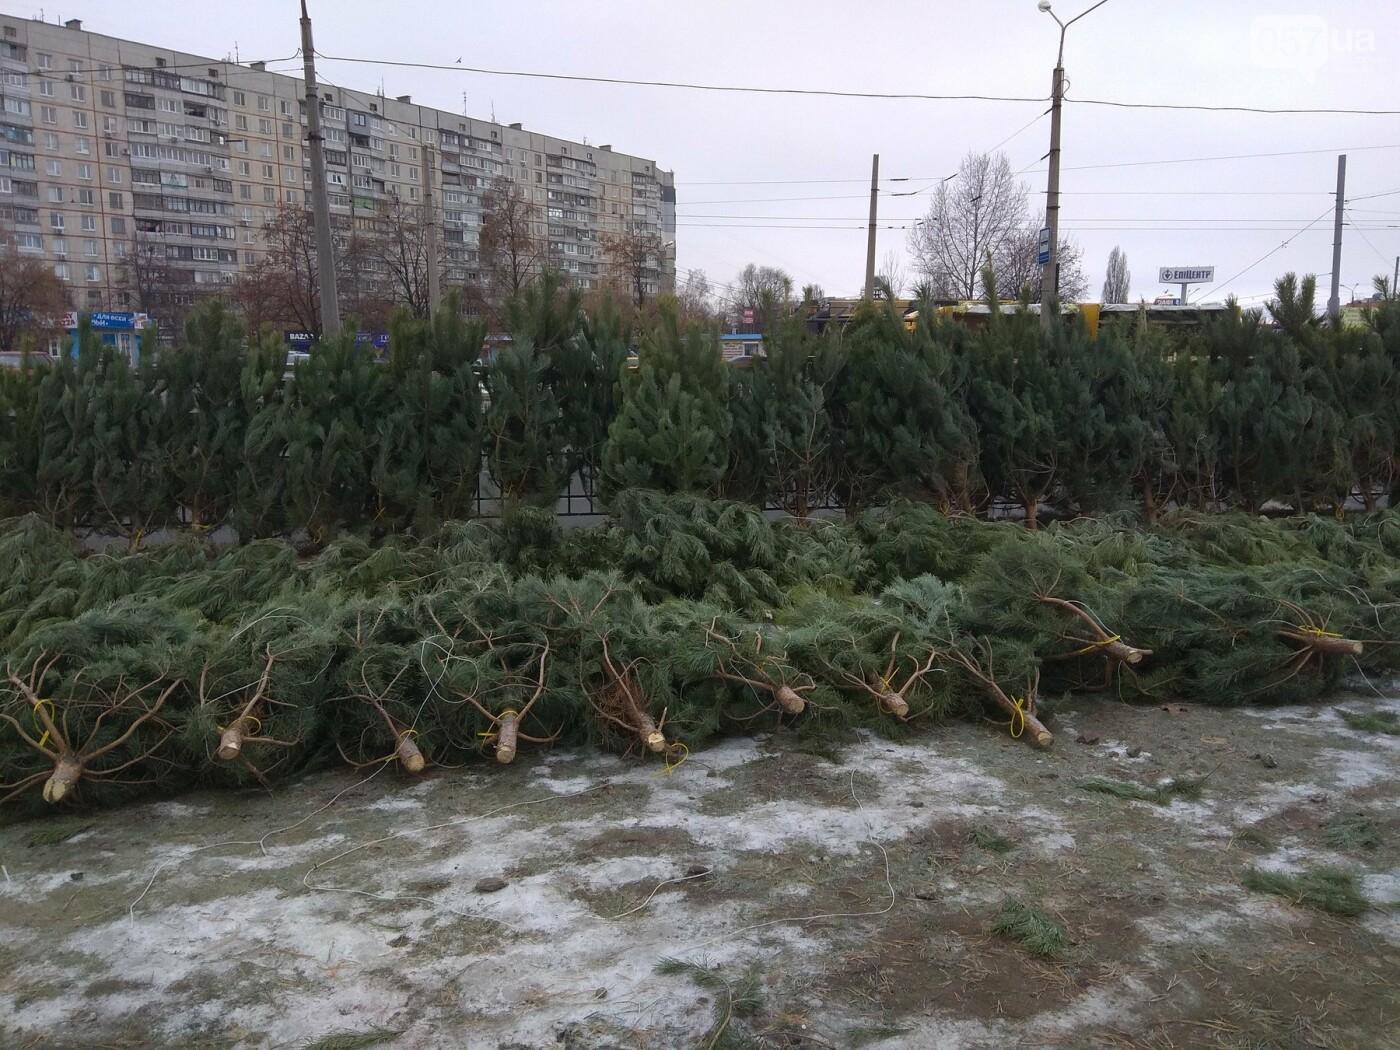 Новогодние елки в Харькове. Где и за сколько можно купить, - ФОТО, фото-12